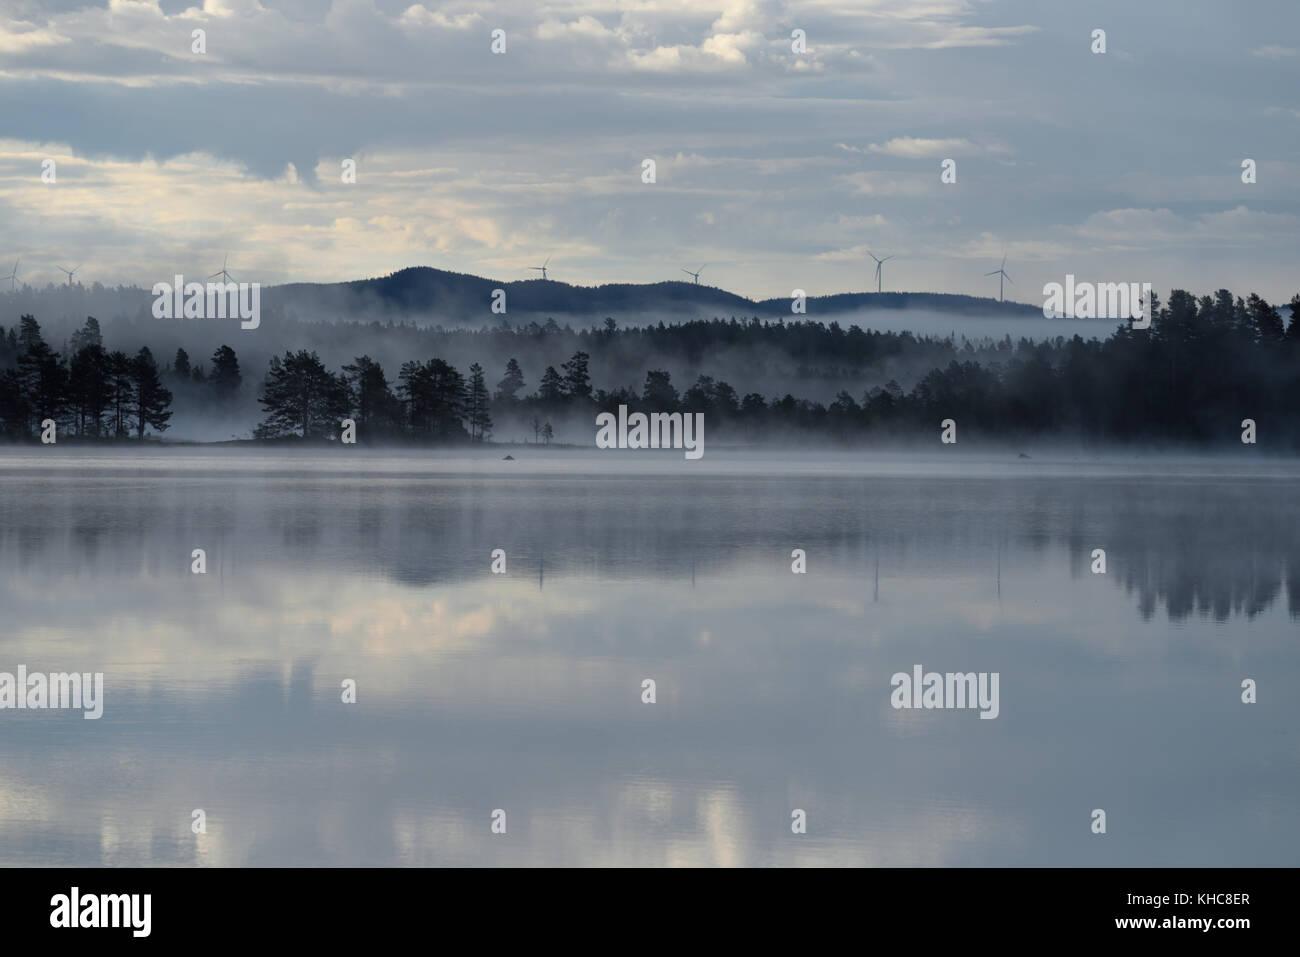 Lake, Örklingen, morning fog, clouds, forest, hills, wind turbines, reflections, Johannisholm, Mora kommun, - Stock Image